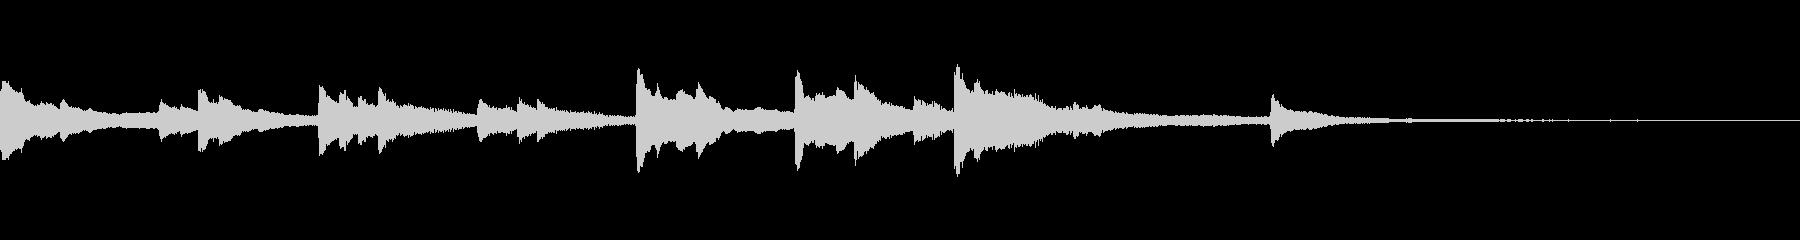 現代の交響曲 企業イメージ あたた...の未再生の波形